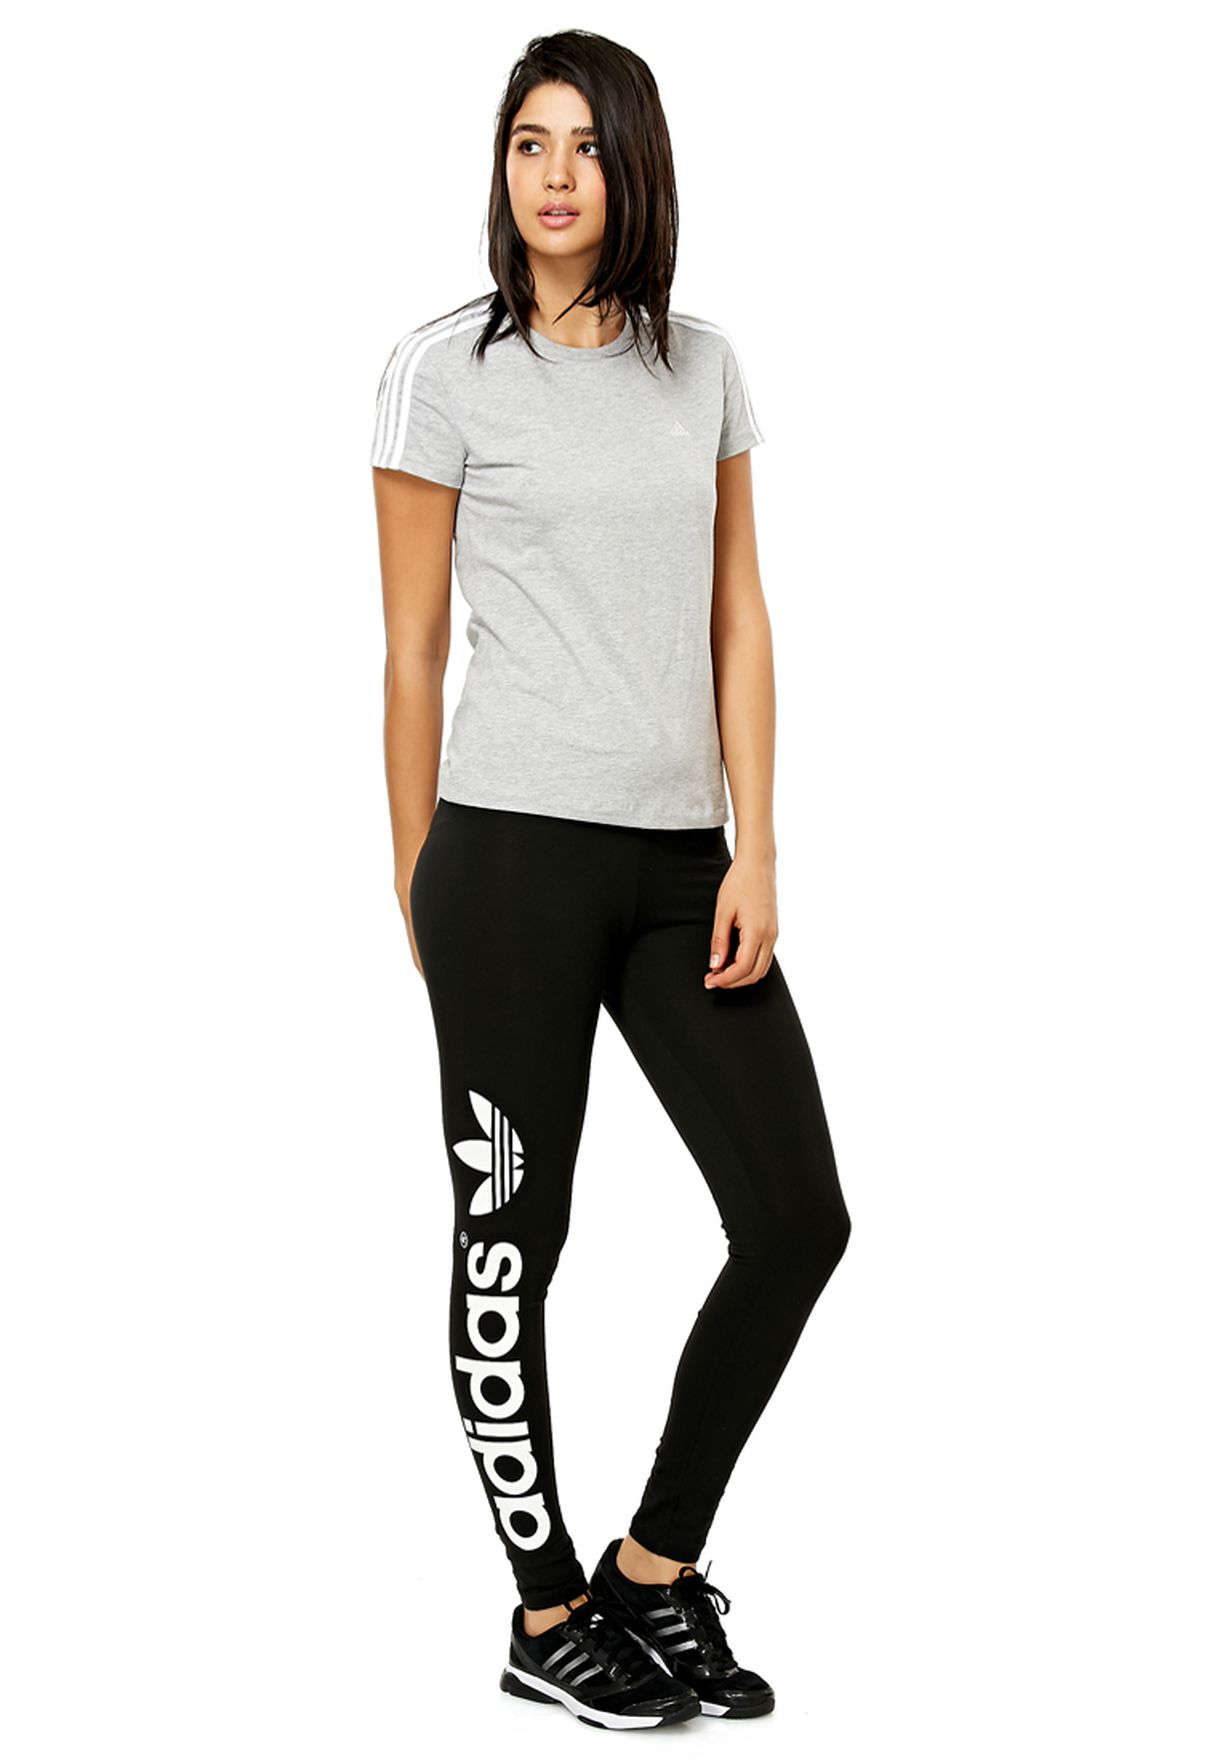 Kuwait Adidas Trf Black For Legging In Women G86235 Shop wBq4vUq